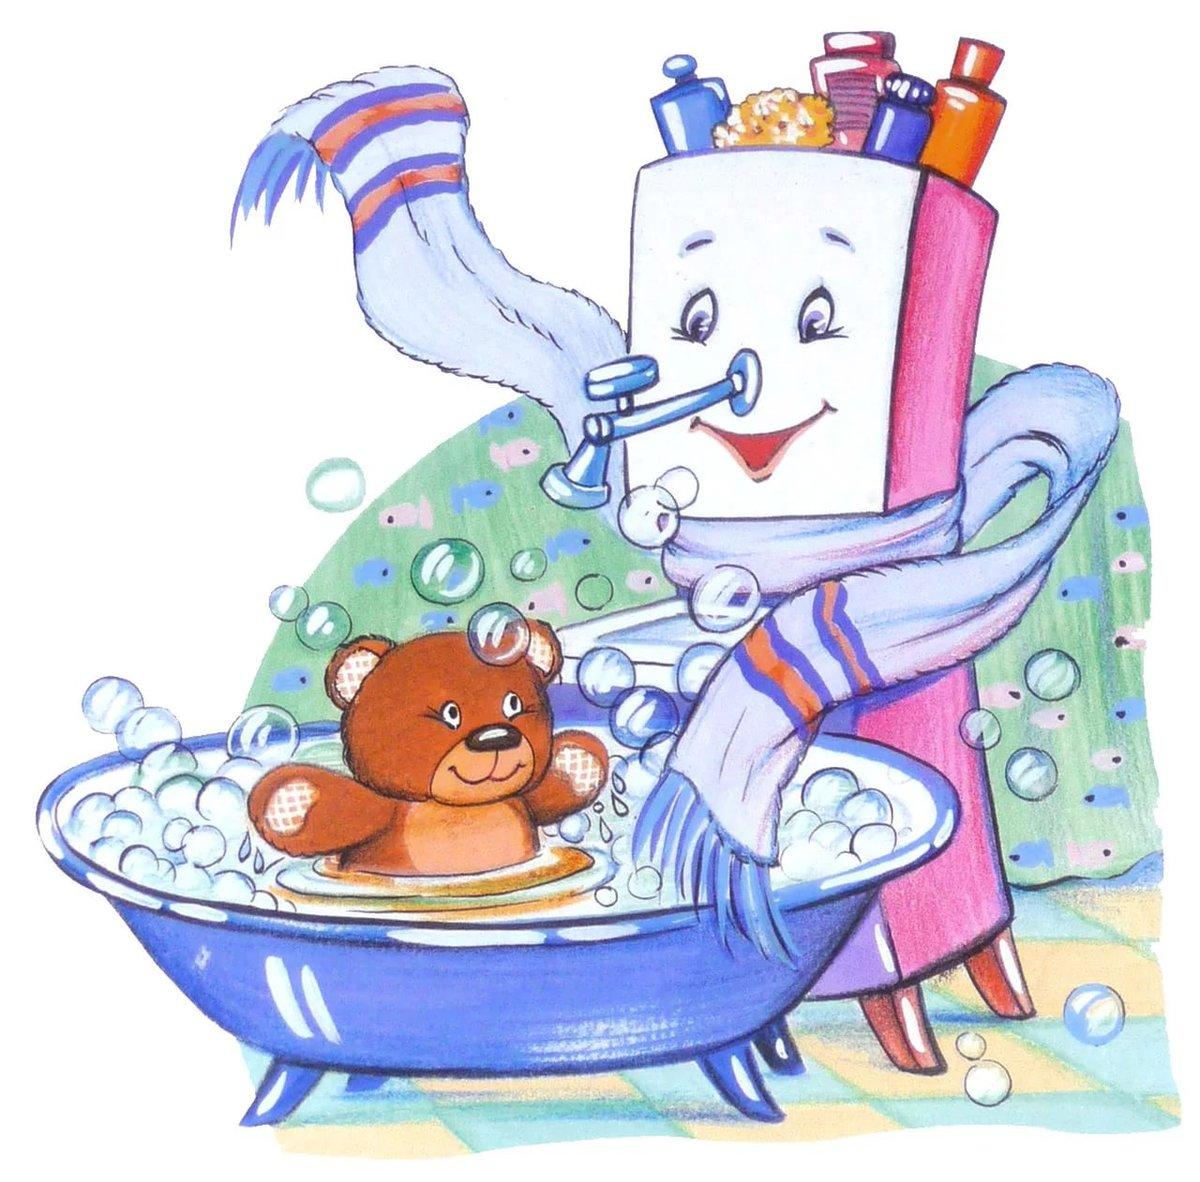 Картинка с мойдодыром для детей, настю